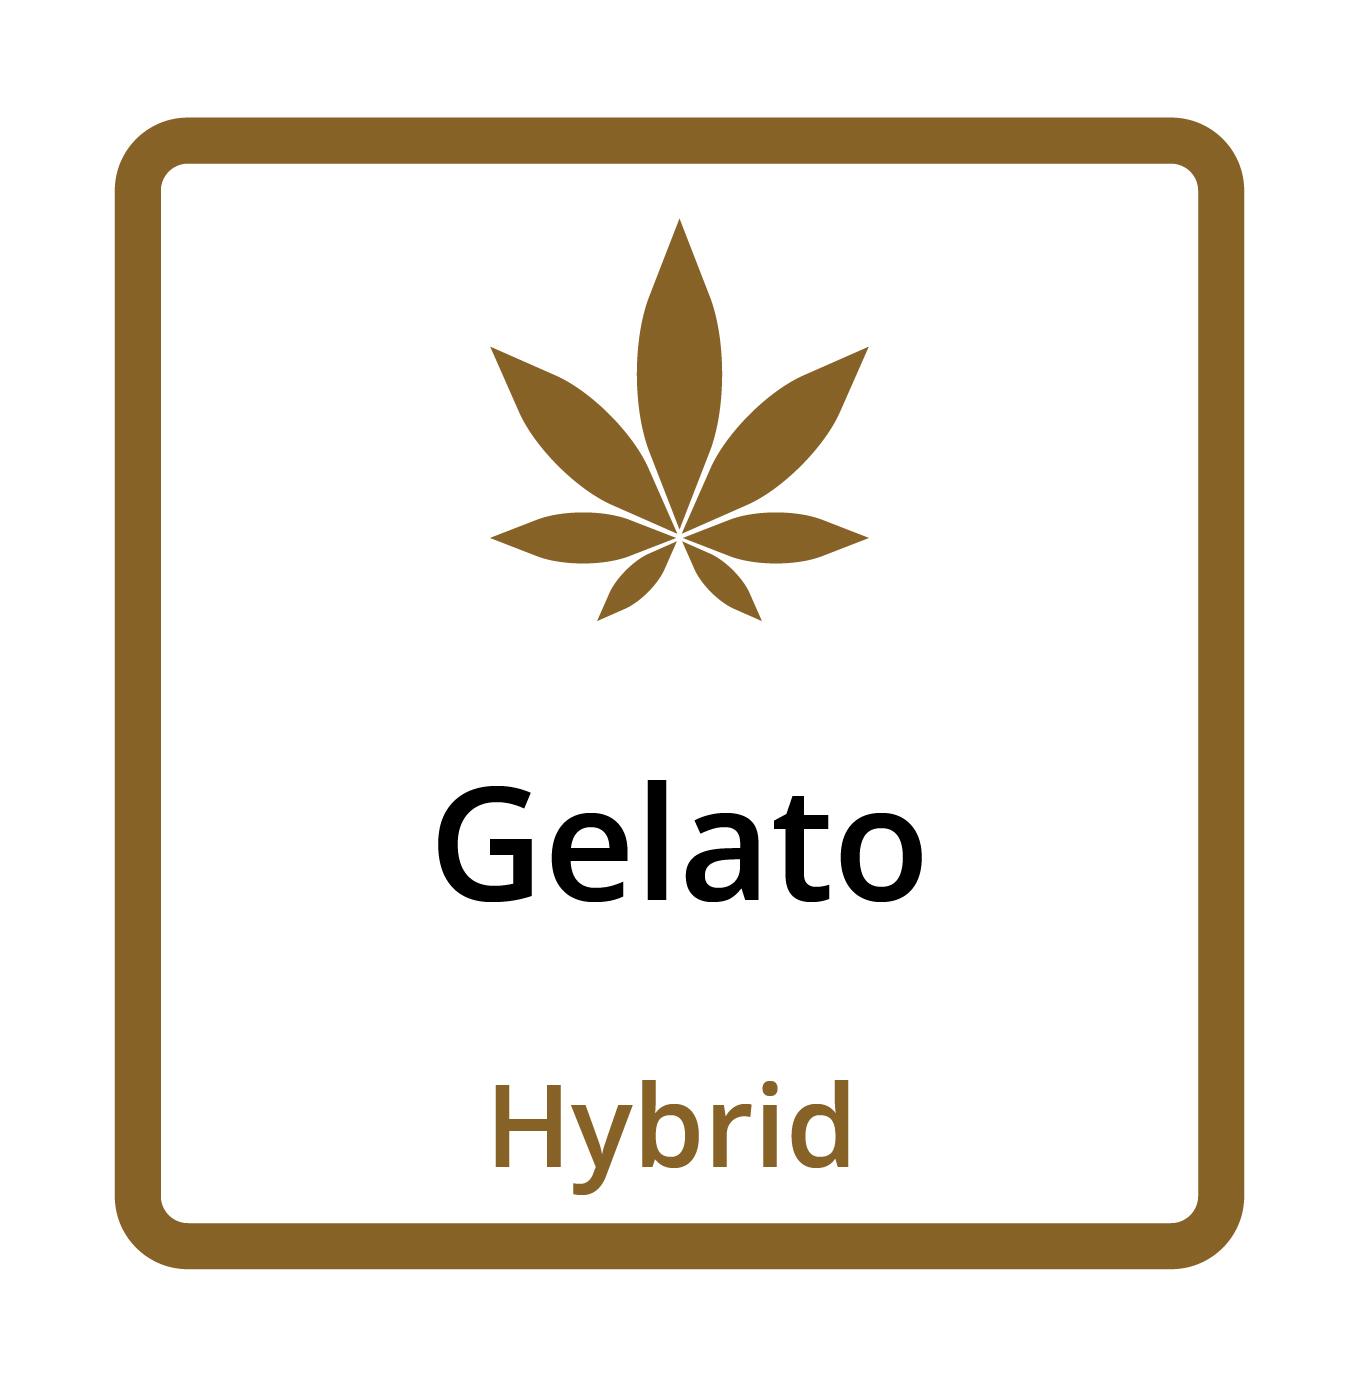 Gelato (Hybrid)